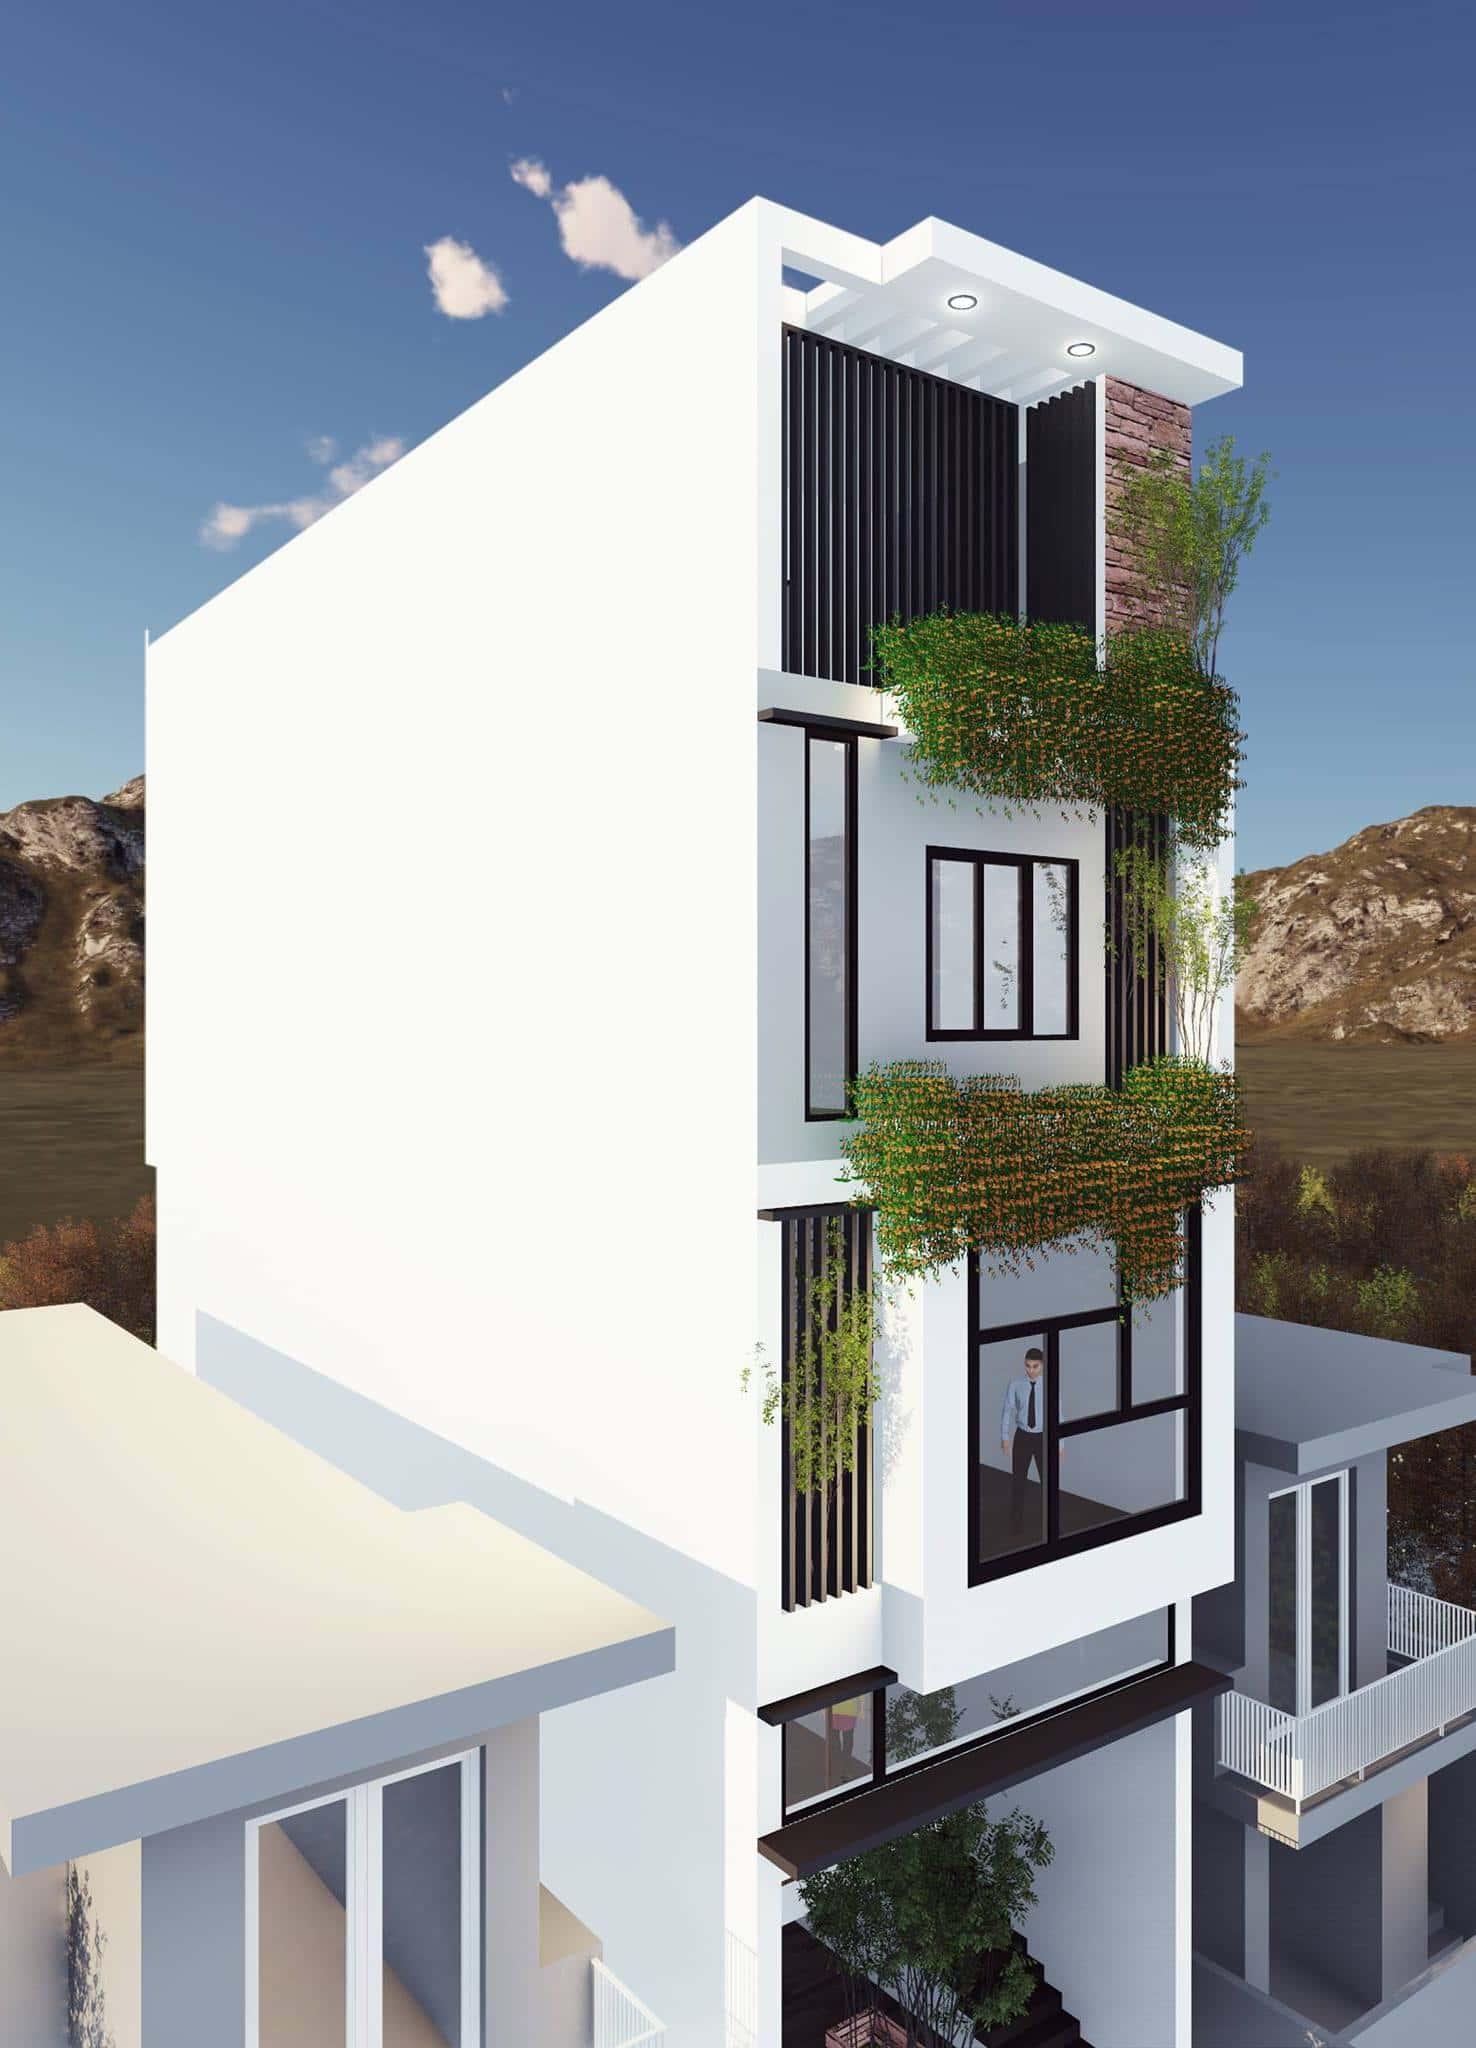 nha pho dep 2 - Top 10 địa chỉ tư vấn Thiết kế nhà Hải Phòng đẹp uy tín, chất lượng